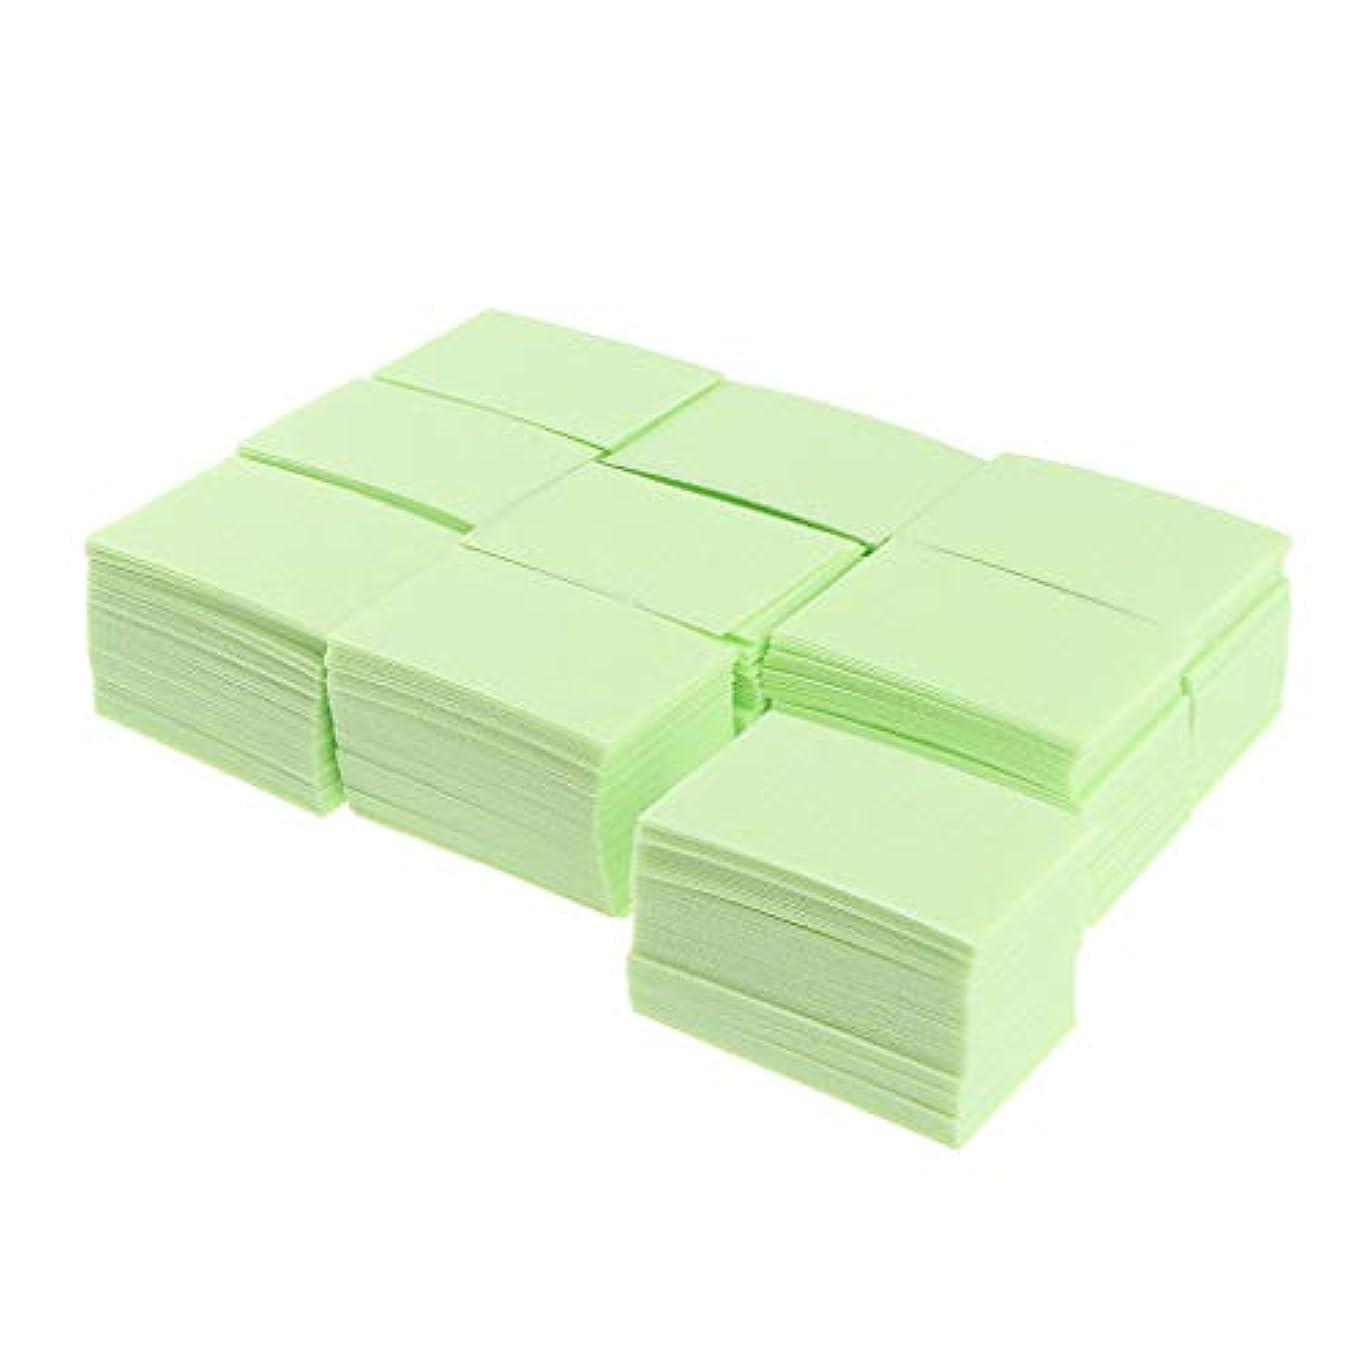 入場これら振り向く約700枚 ネイルポリッシュリムーバー 綿パッド ネイルアート マニキュア 2色選べ - 緑